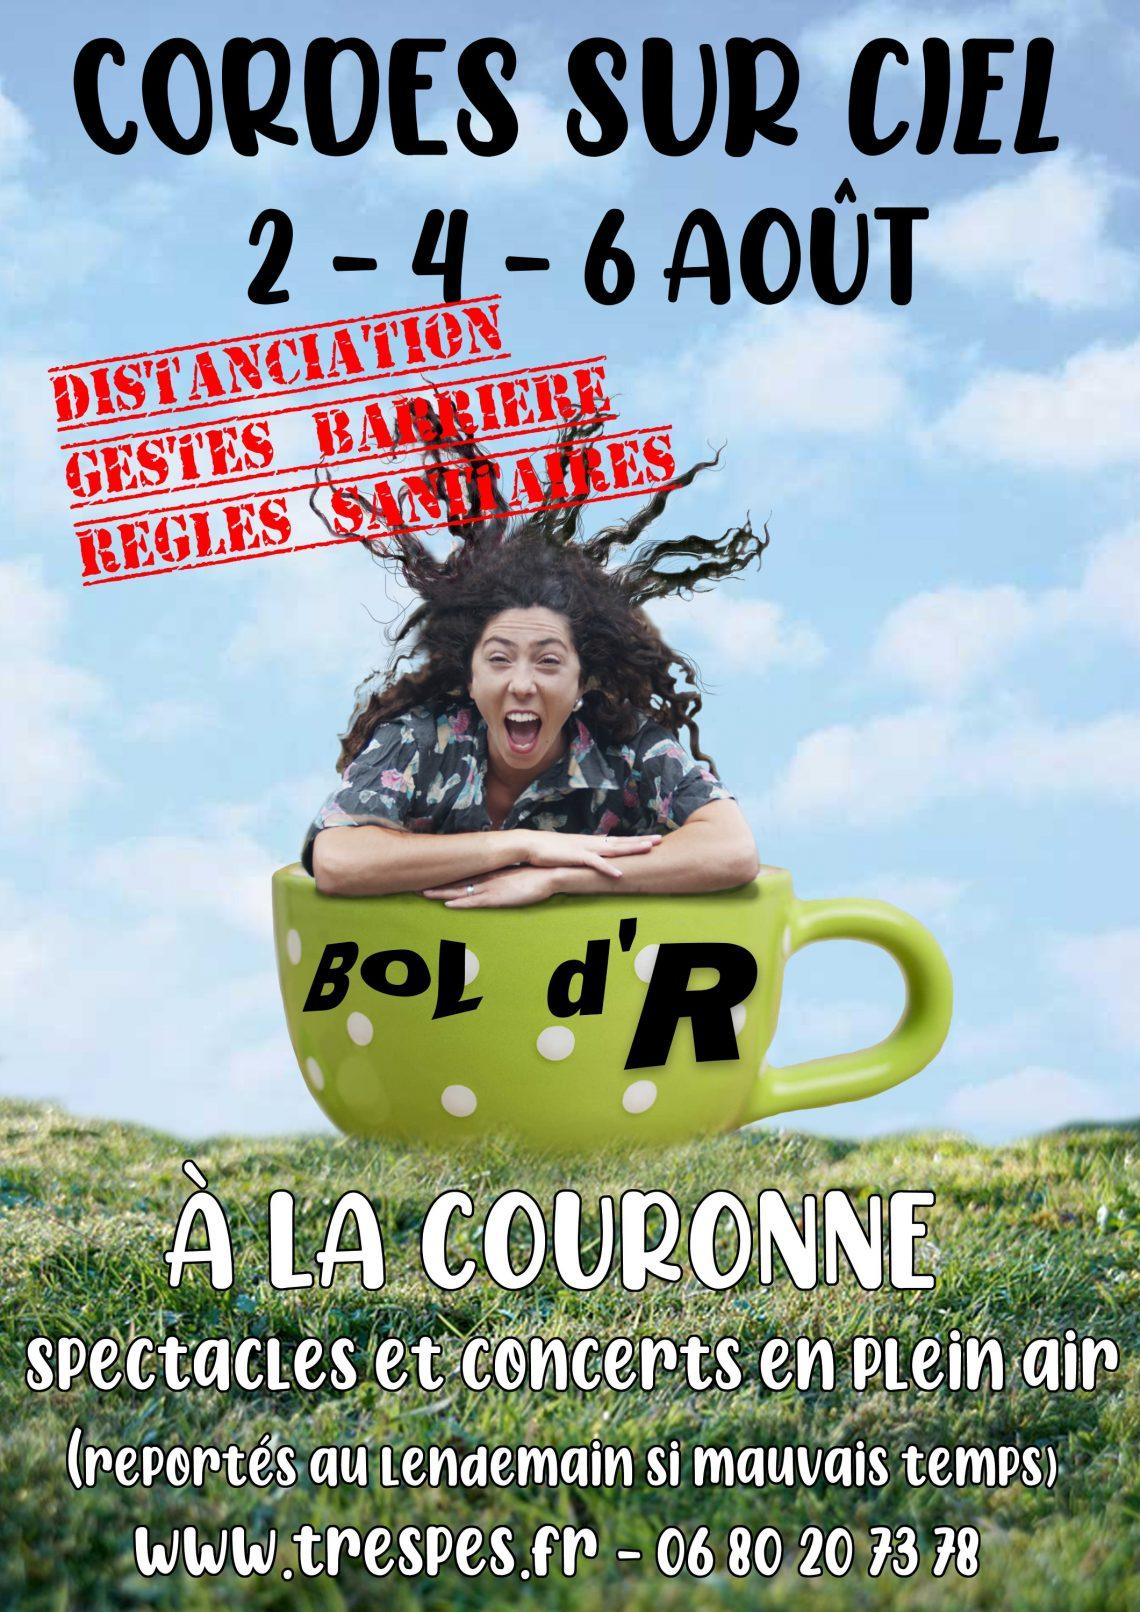 """Affiche du festival """"Bol d'R"""" à Cordes sur Ciel"""